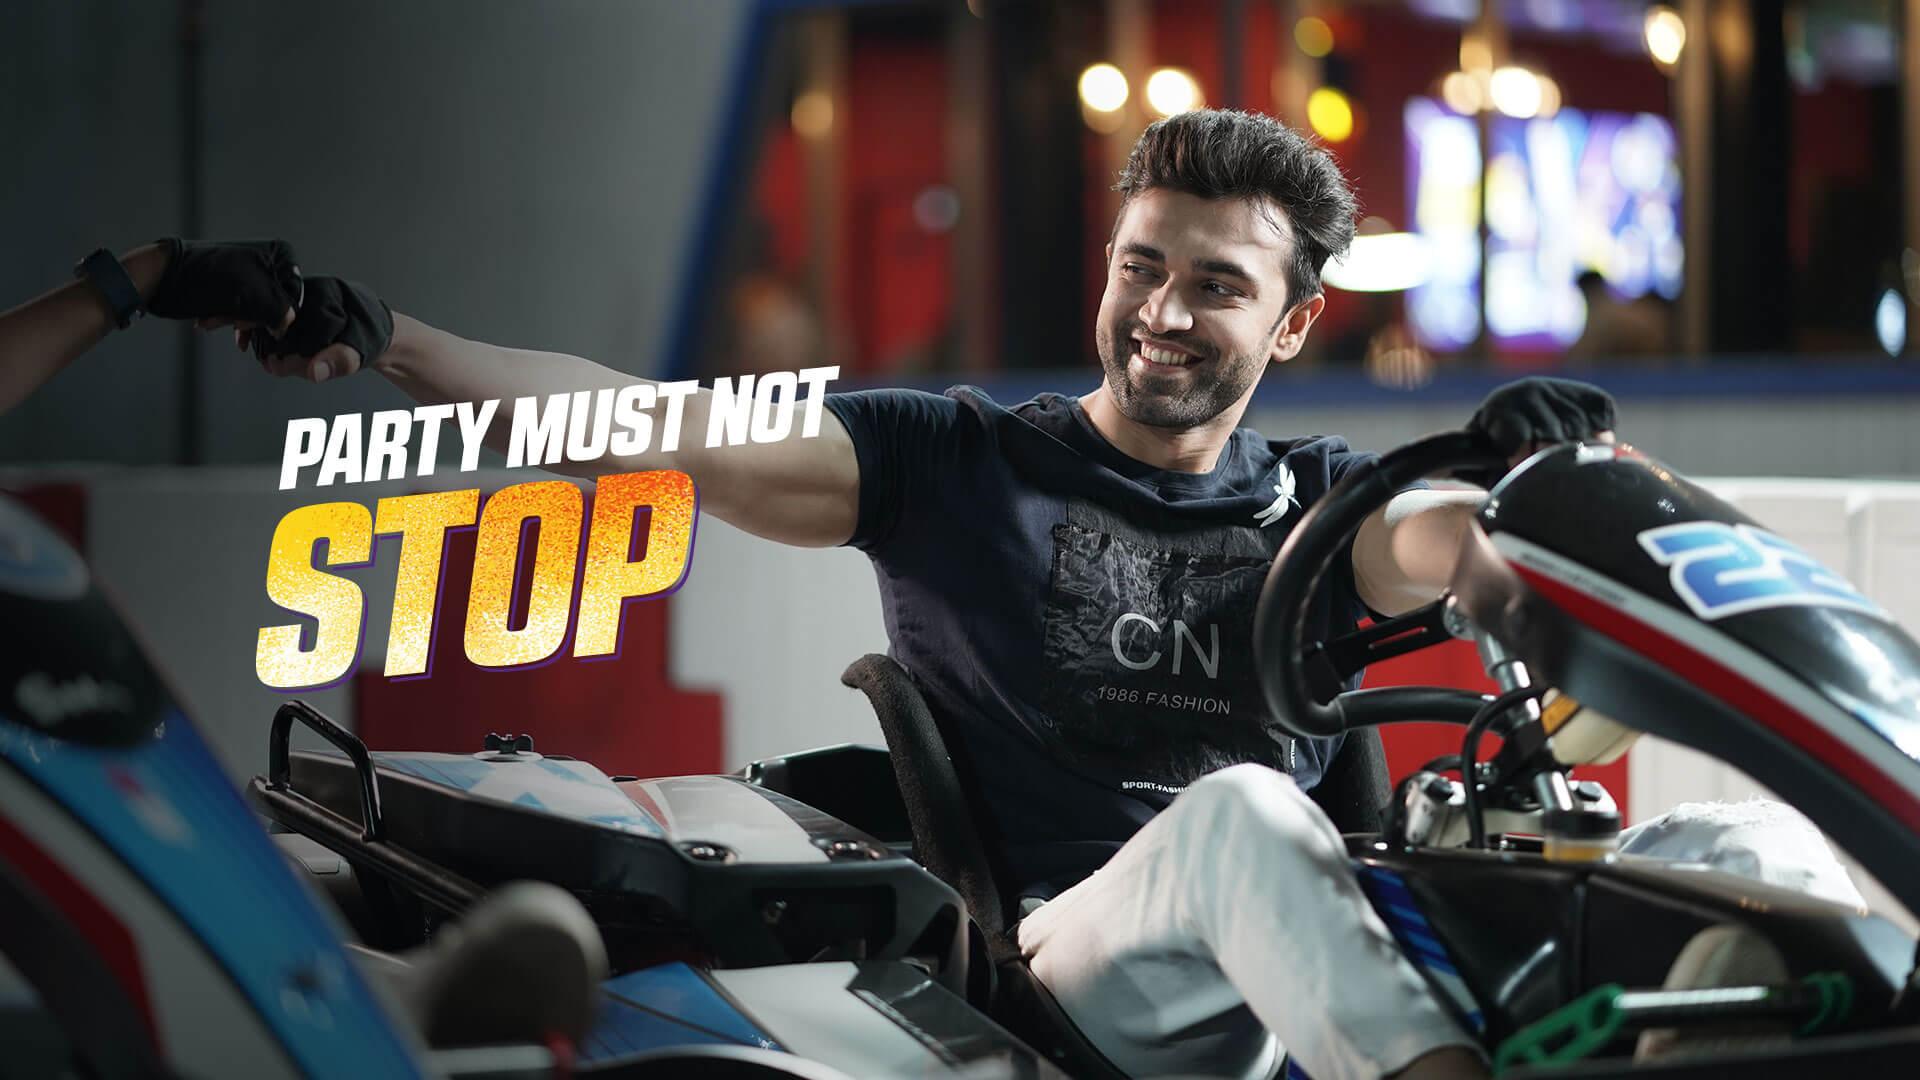 Go Karting Shott